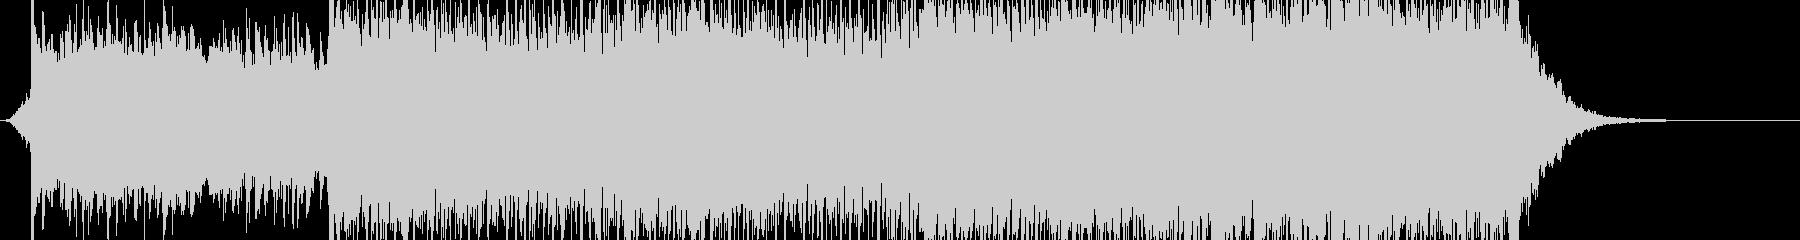 前向きなロックテイストのBGM(60秒)の未再生の波形